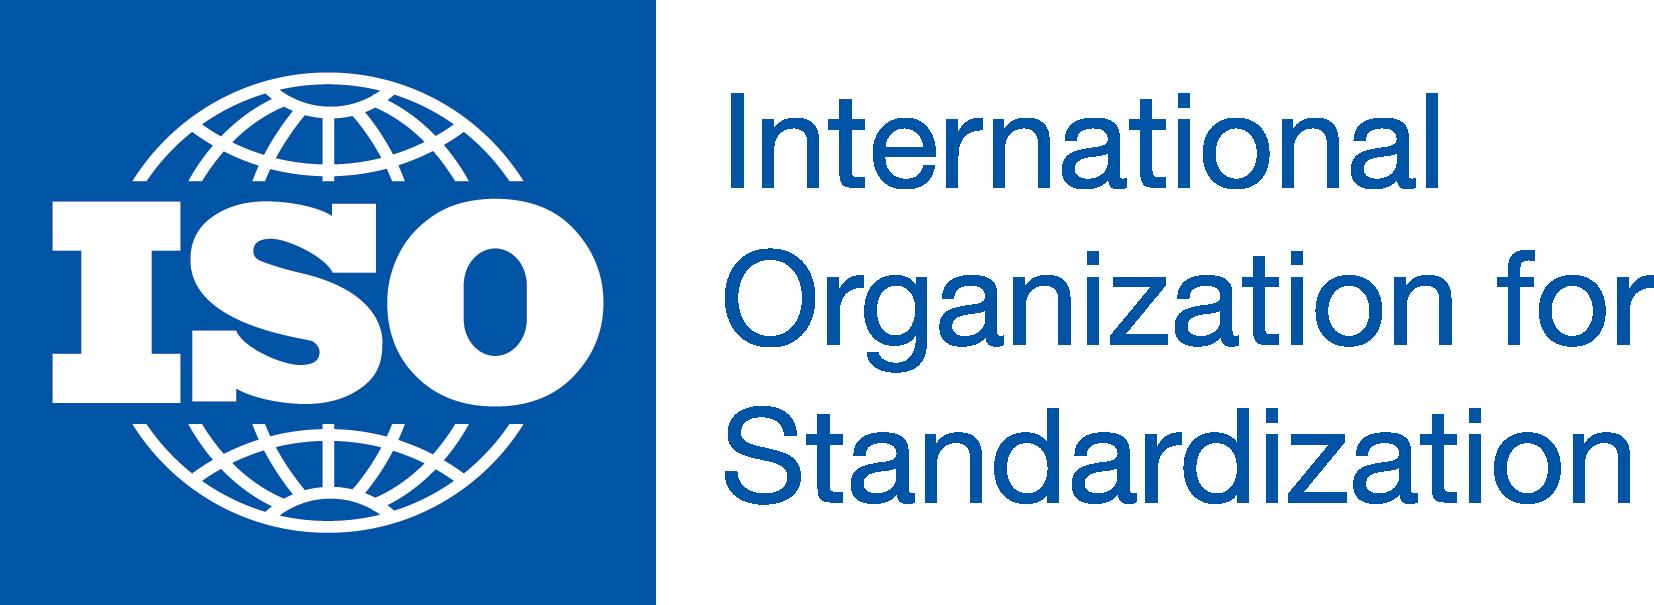 Lợi ích tuyệt vời cho doanh nghiệp khi áp dụng bộ tiêu chuẩn ISO 9000